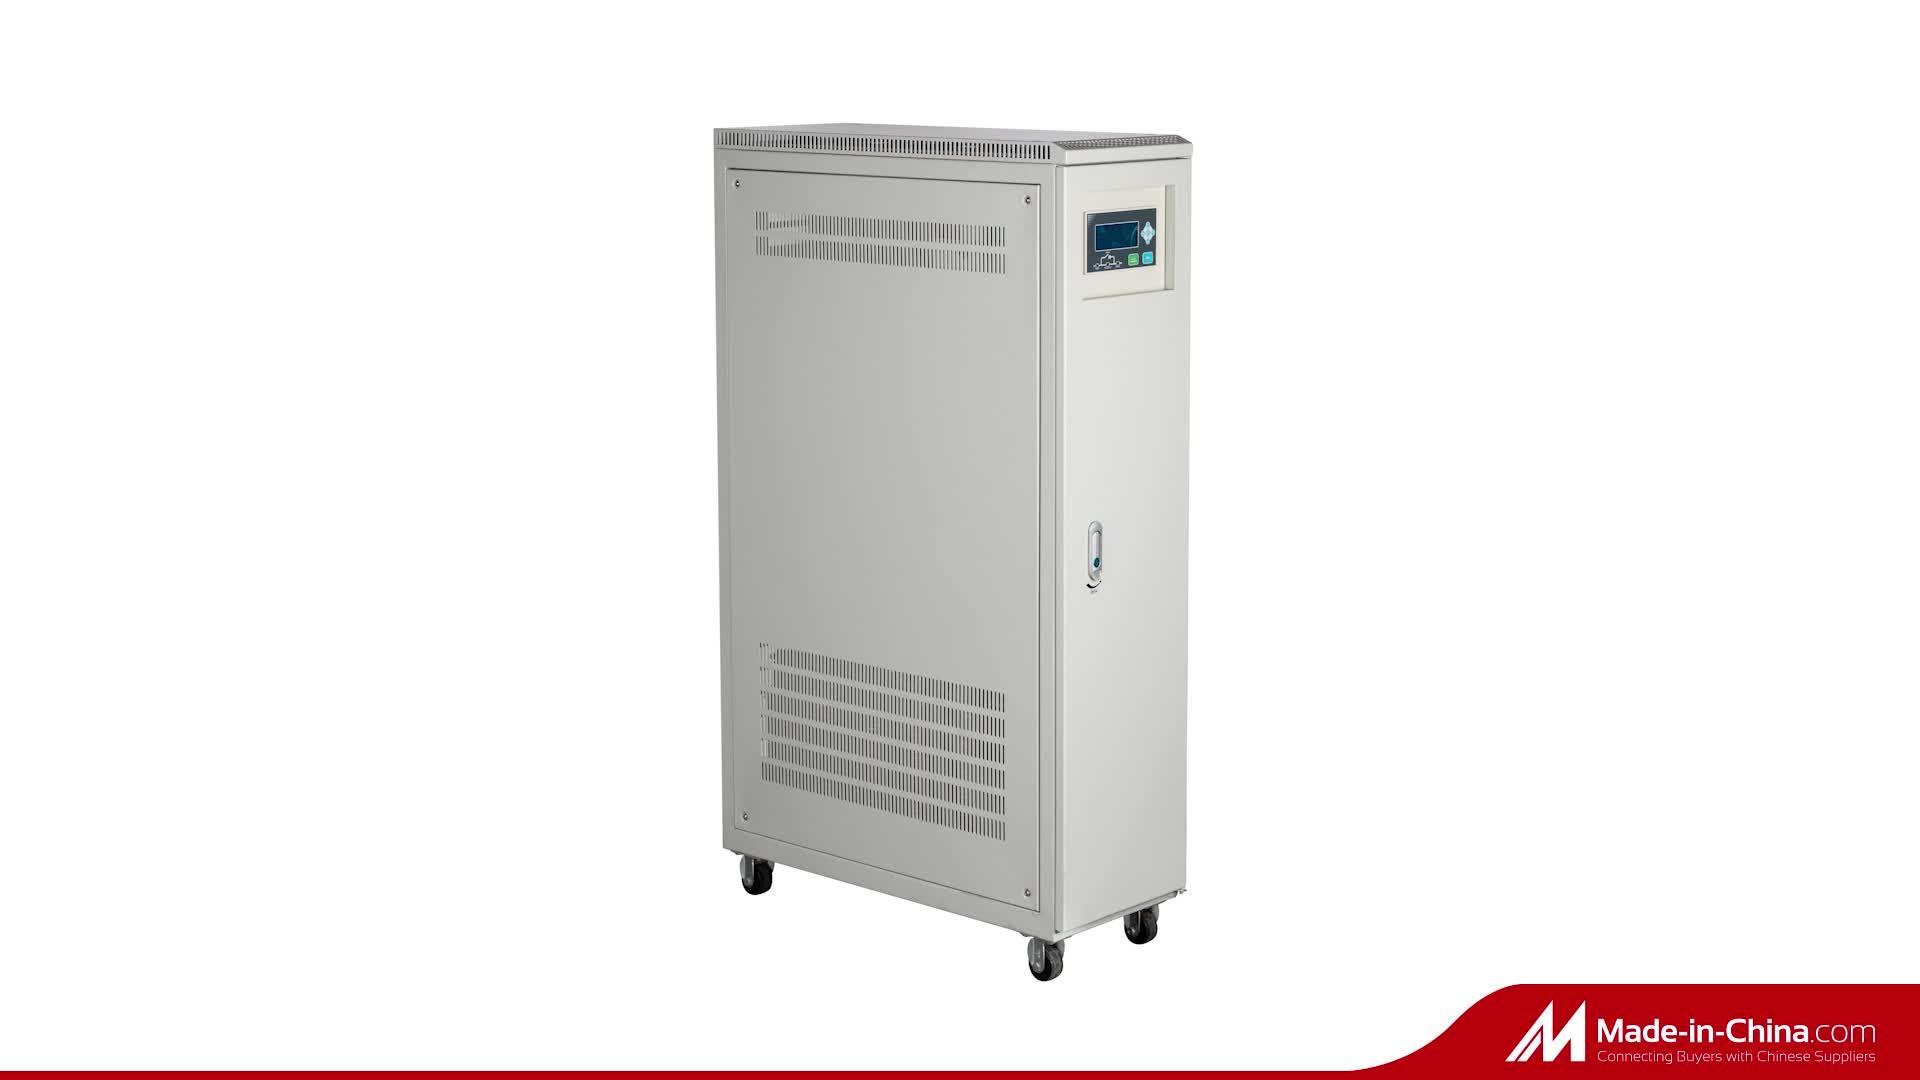 SBW Régulateur de tension automatique(10KVA, 15KVA, 20KVA)